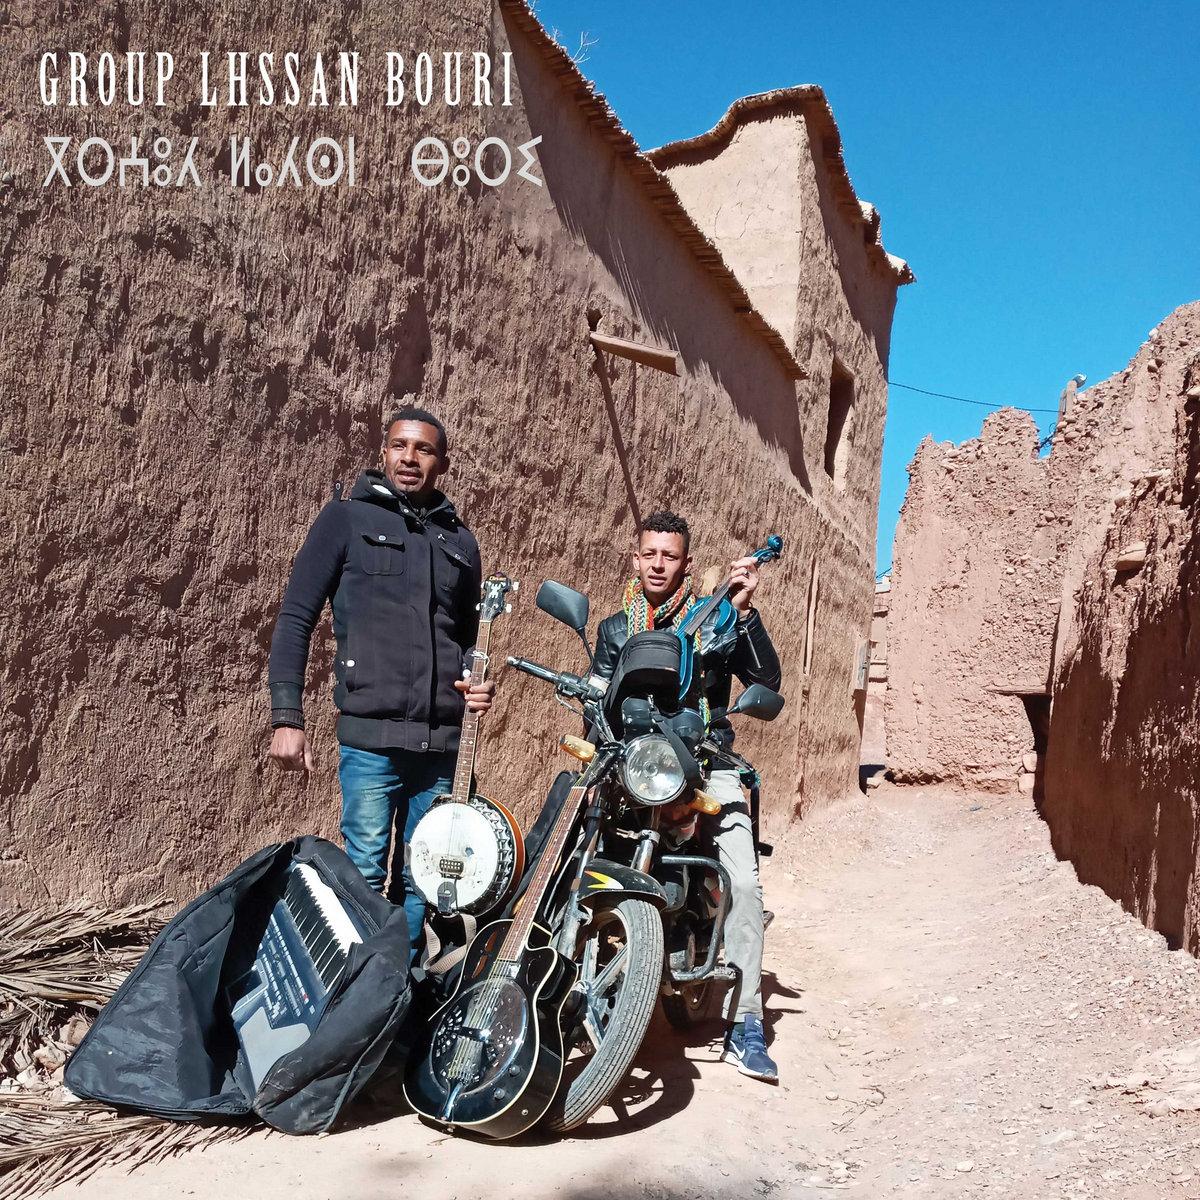 Group Lhssan Bouri – Group Lhssan Bouri